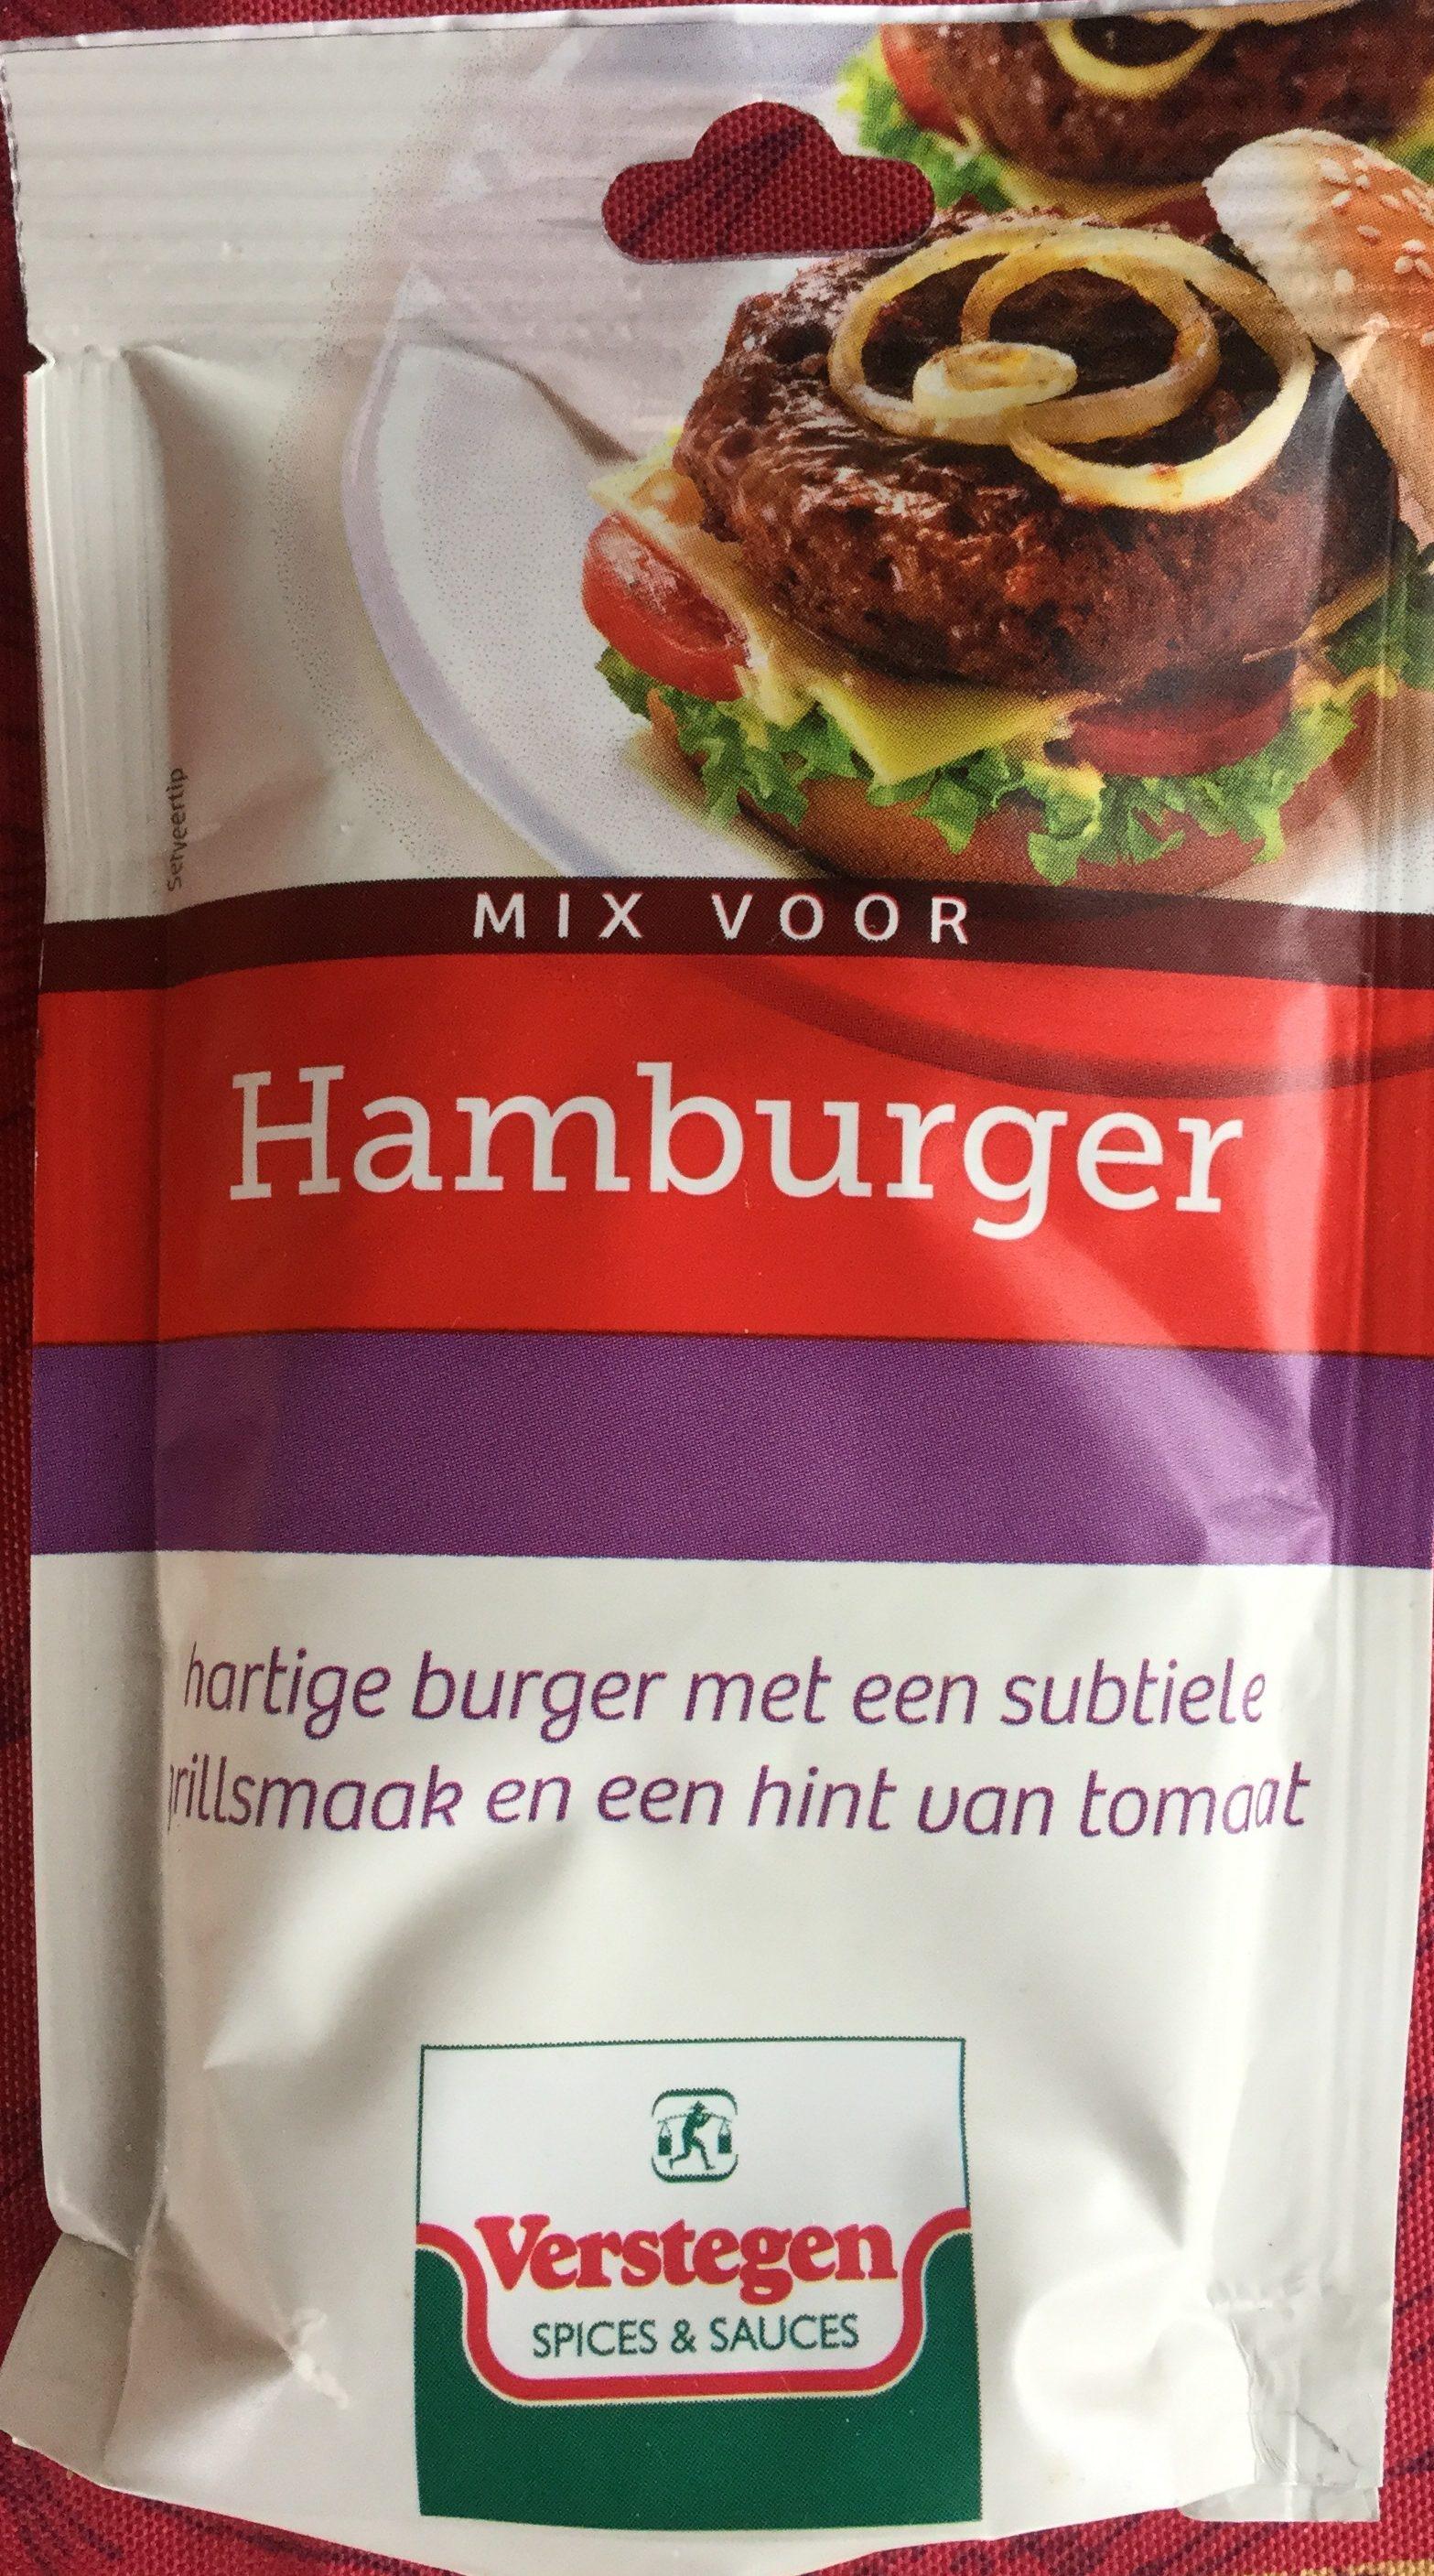 Mix voor hamburger - Product - nl